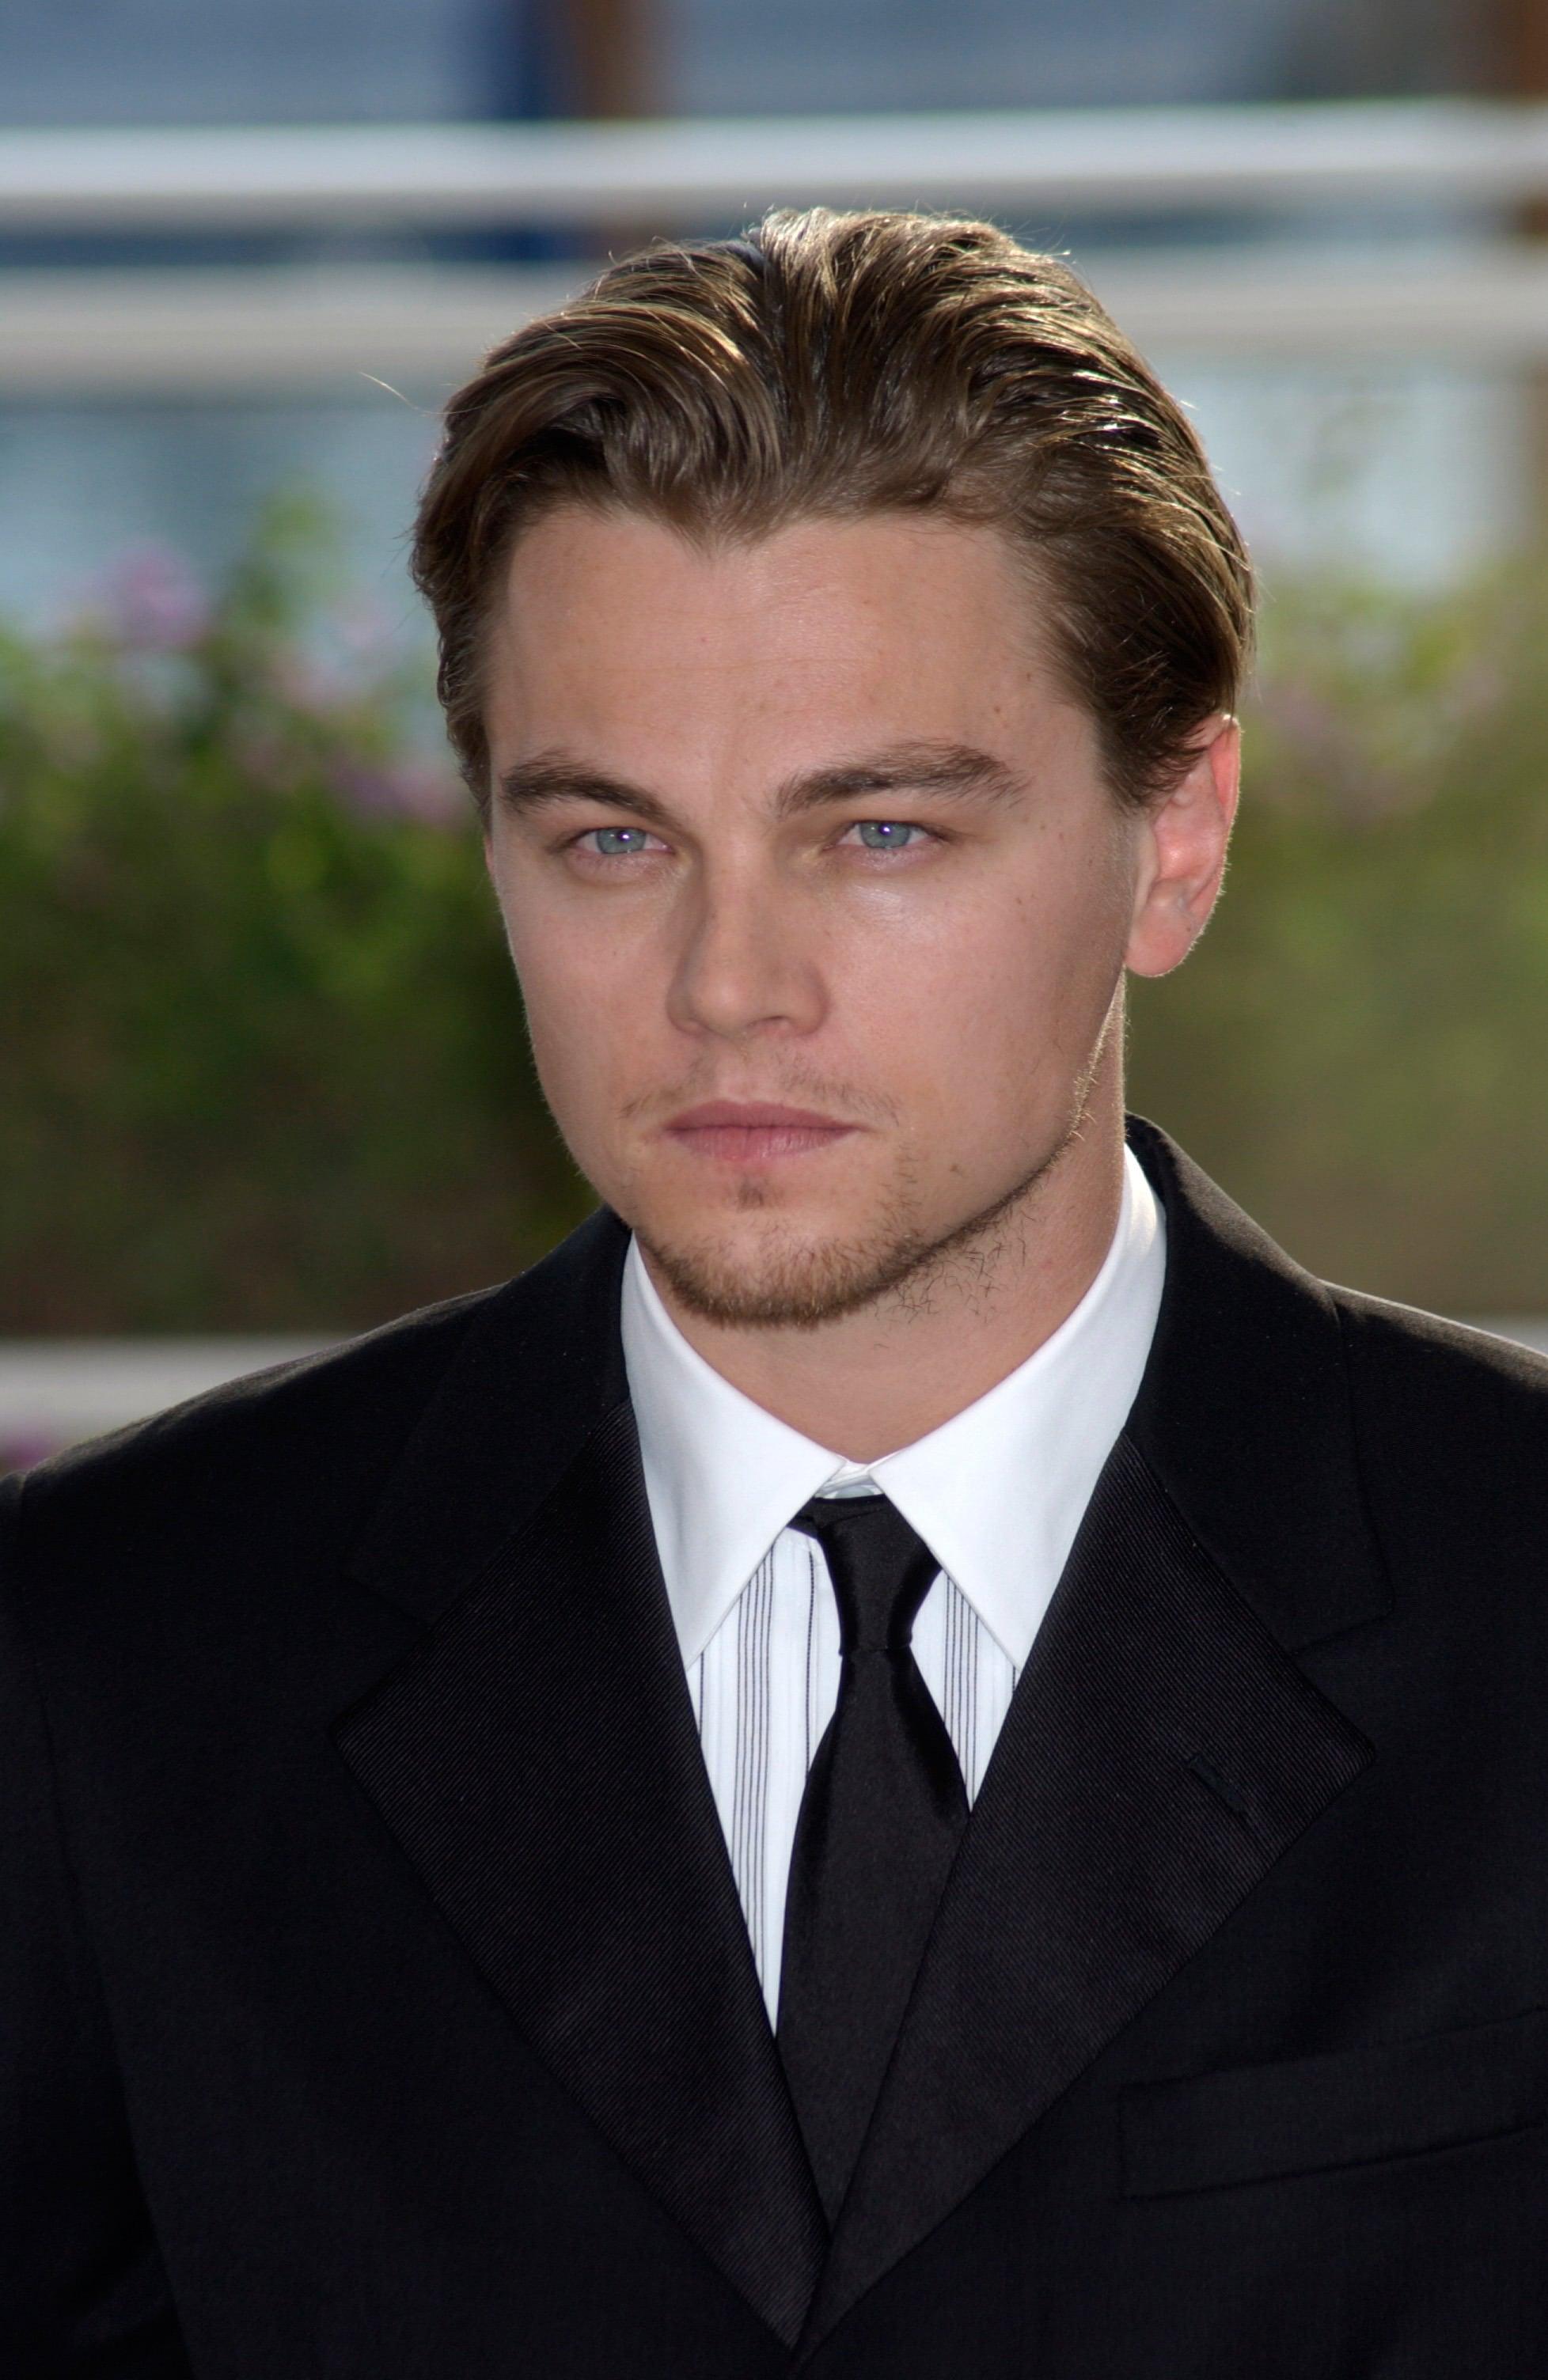 ทรงผมแสกกลางชาย แบบ ลีโอนาโด ดิคาปริโอ (Leonardo Dicaprio)